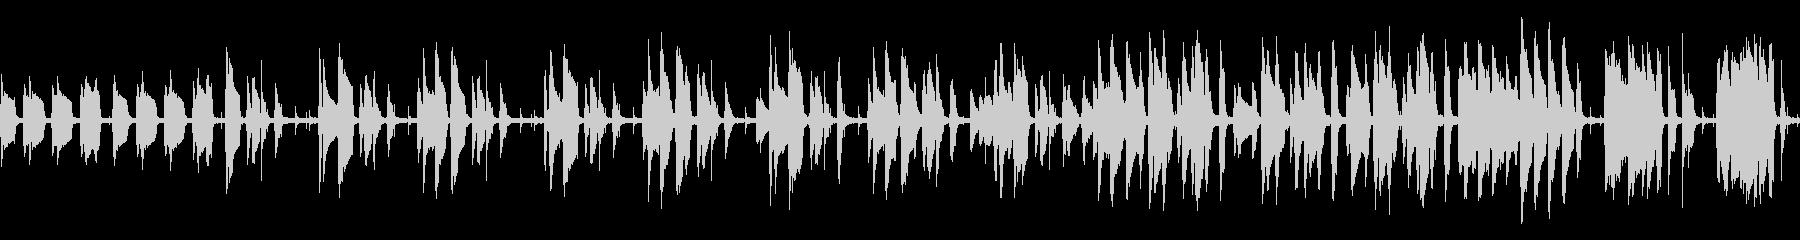 jazz系BGM(ループ仕様)の未再生の波形